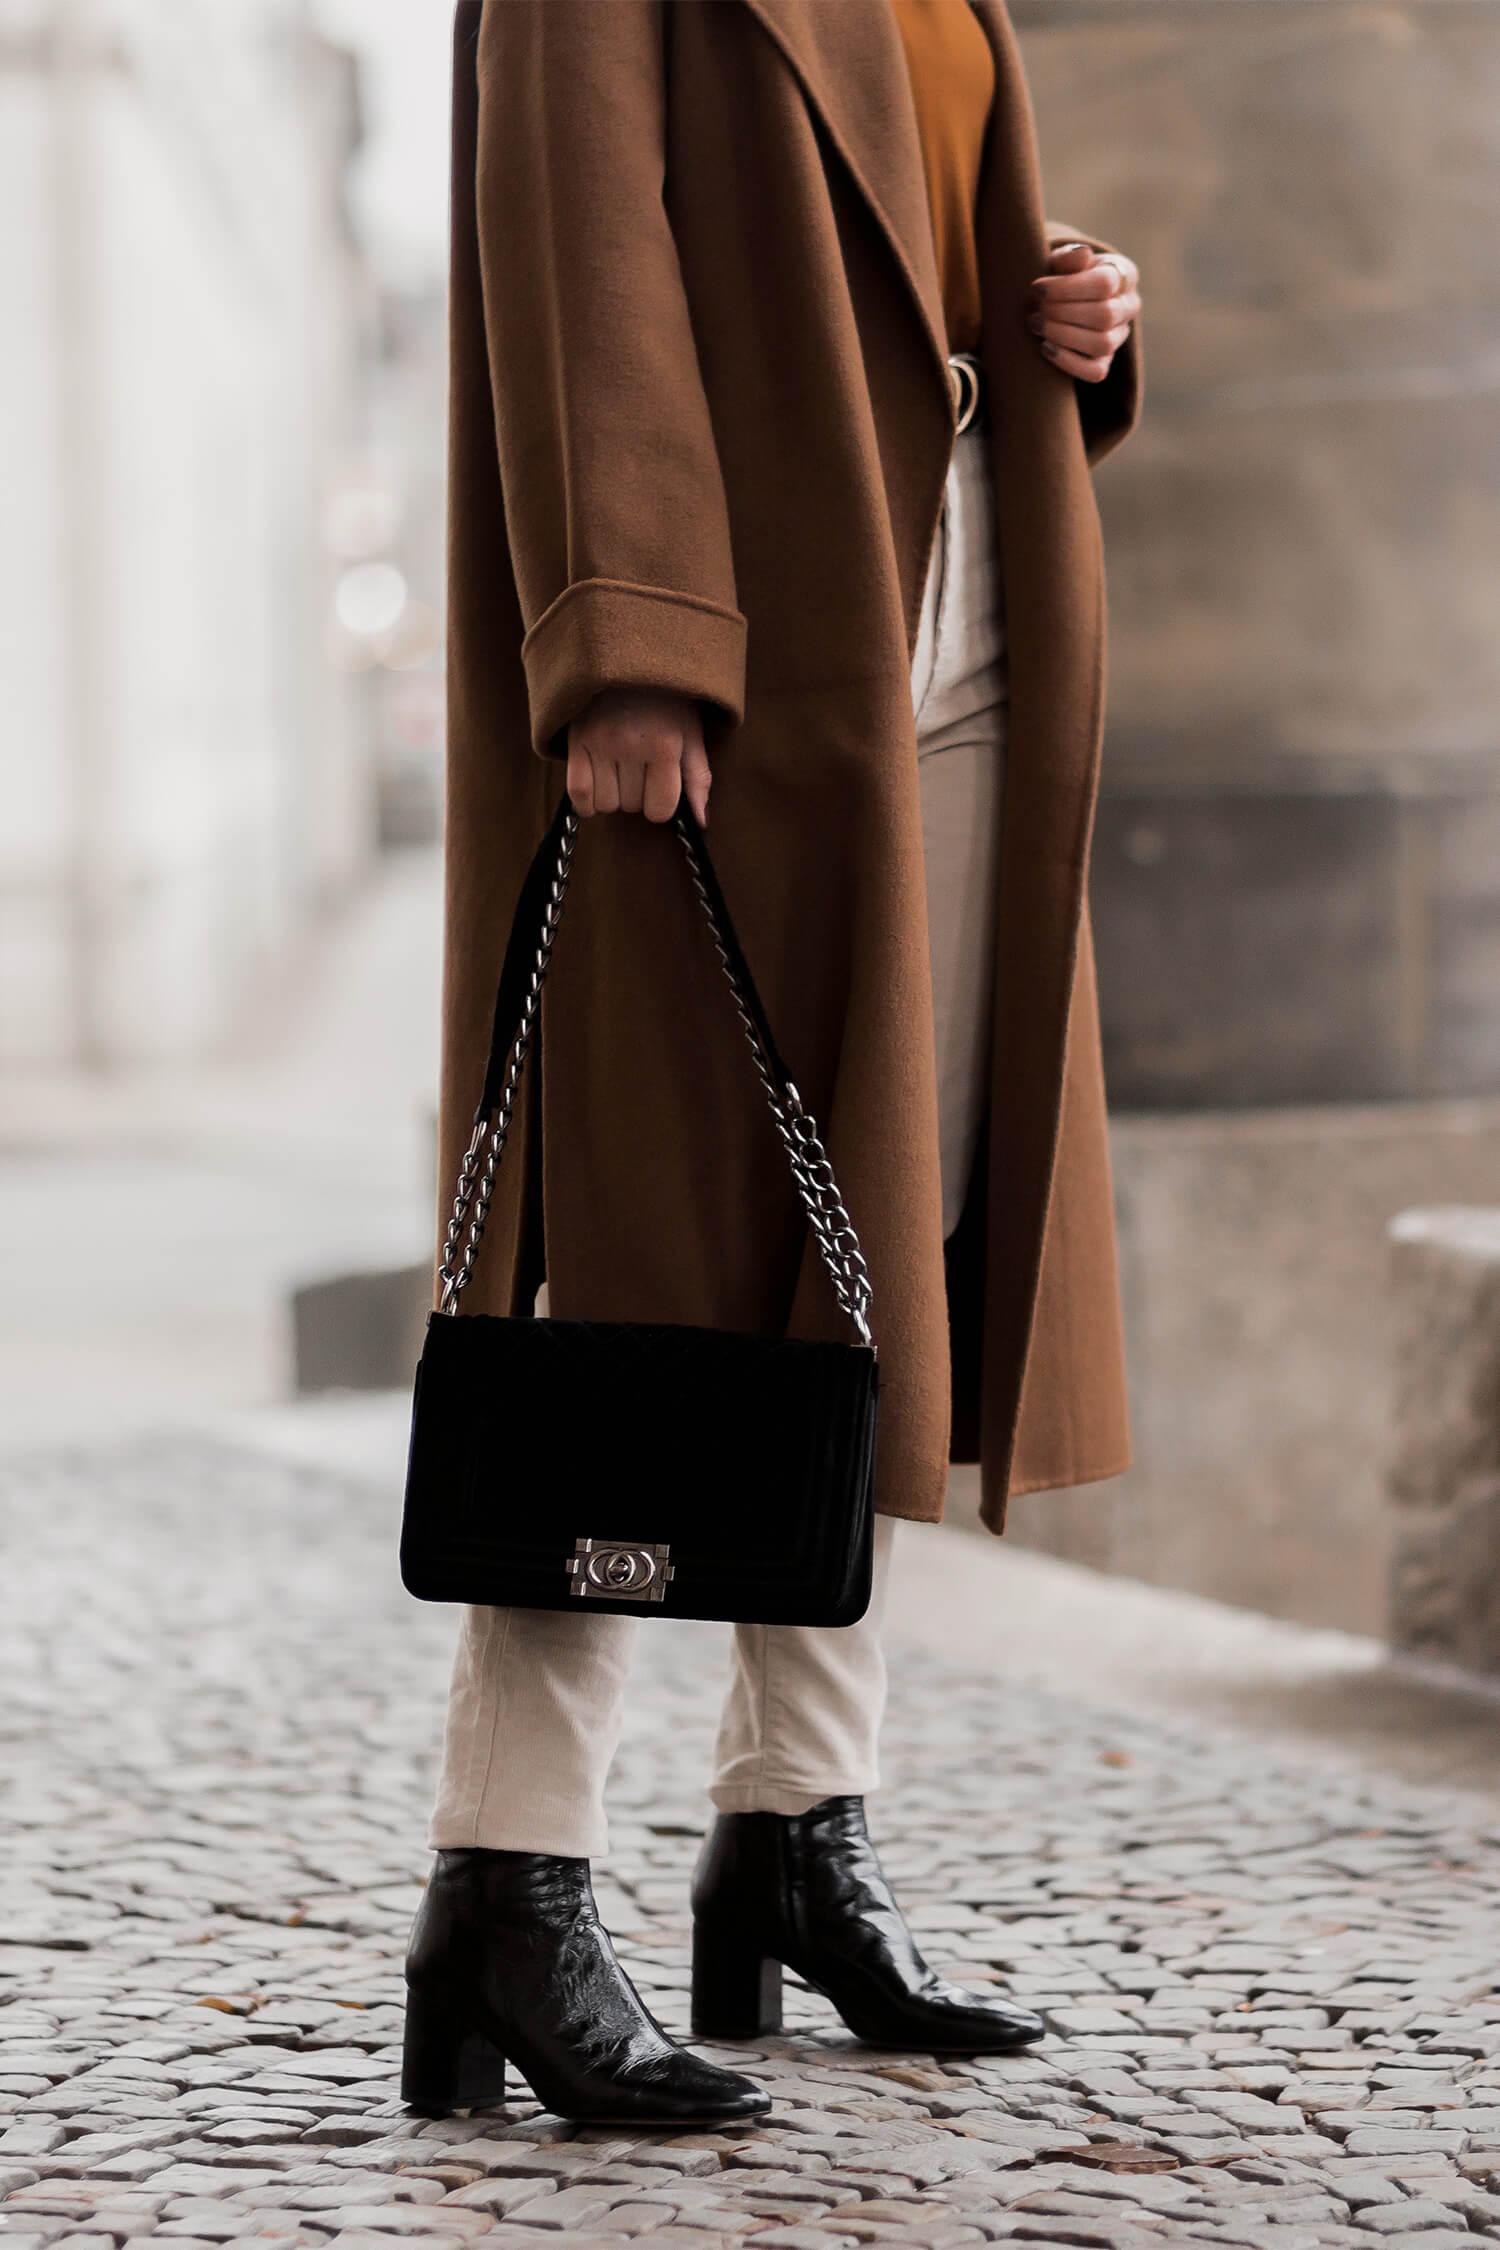 Schokoladenbraun als neue Trendfarbe für den Winter, Shoelove by Deichmann